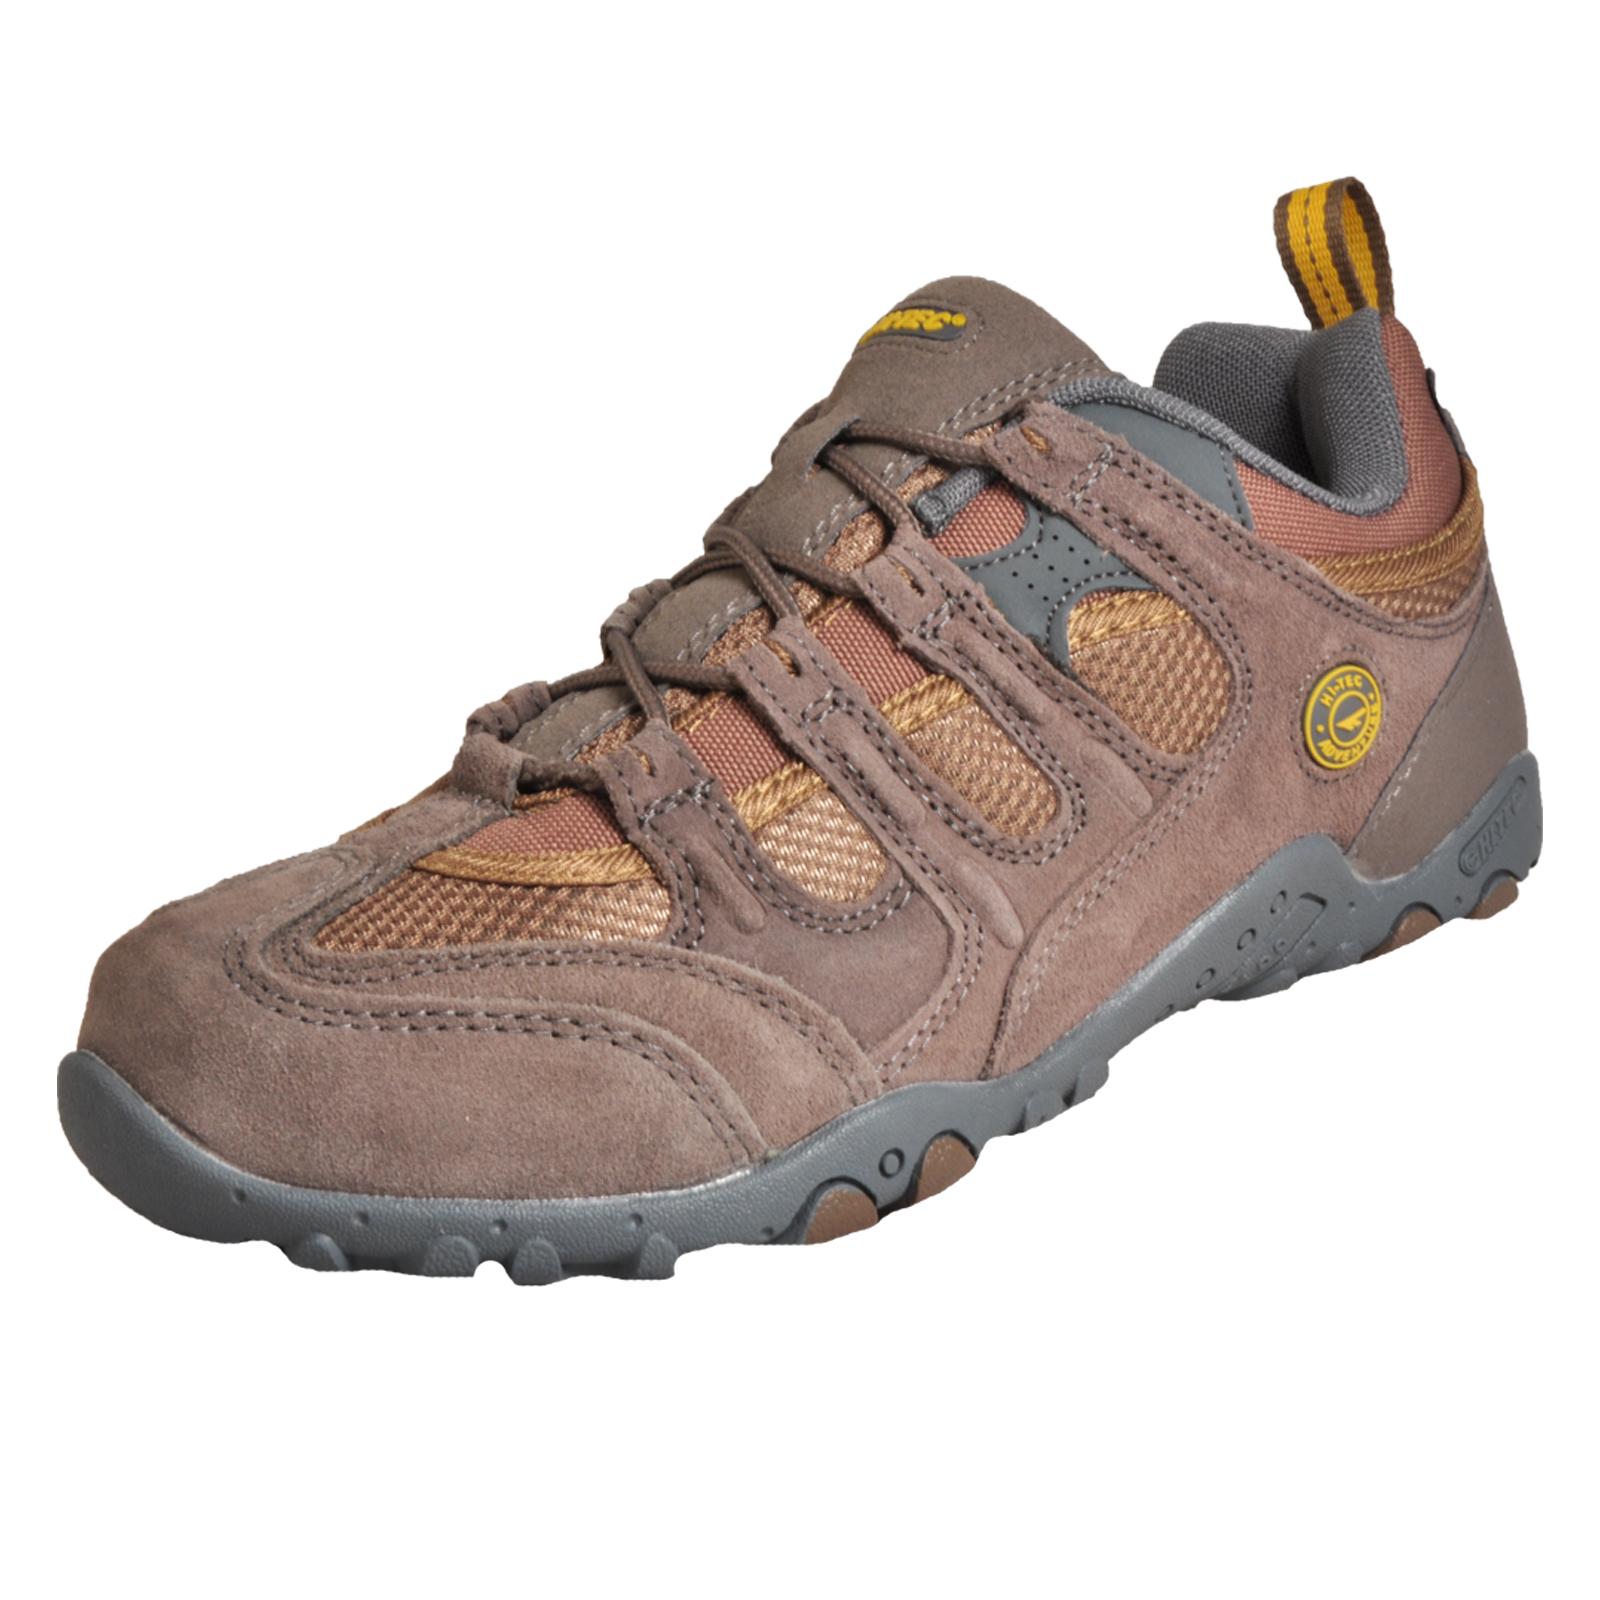 61b2ee66c59 Detalles acerca de Hola Tec Quadra Clásico Para hombres Zapatos para  caminar para senderismo y al aire libre Marrón- mostrar título original